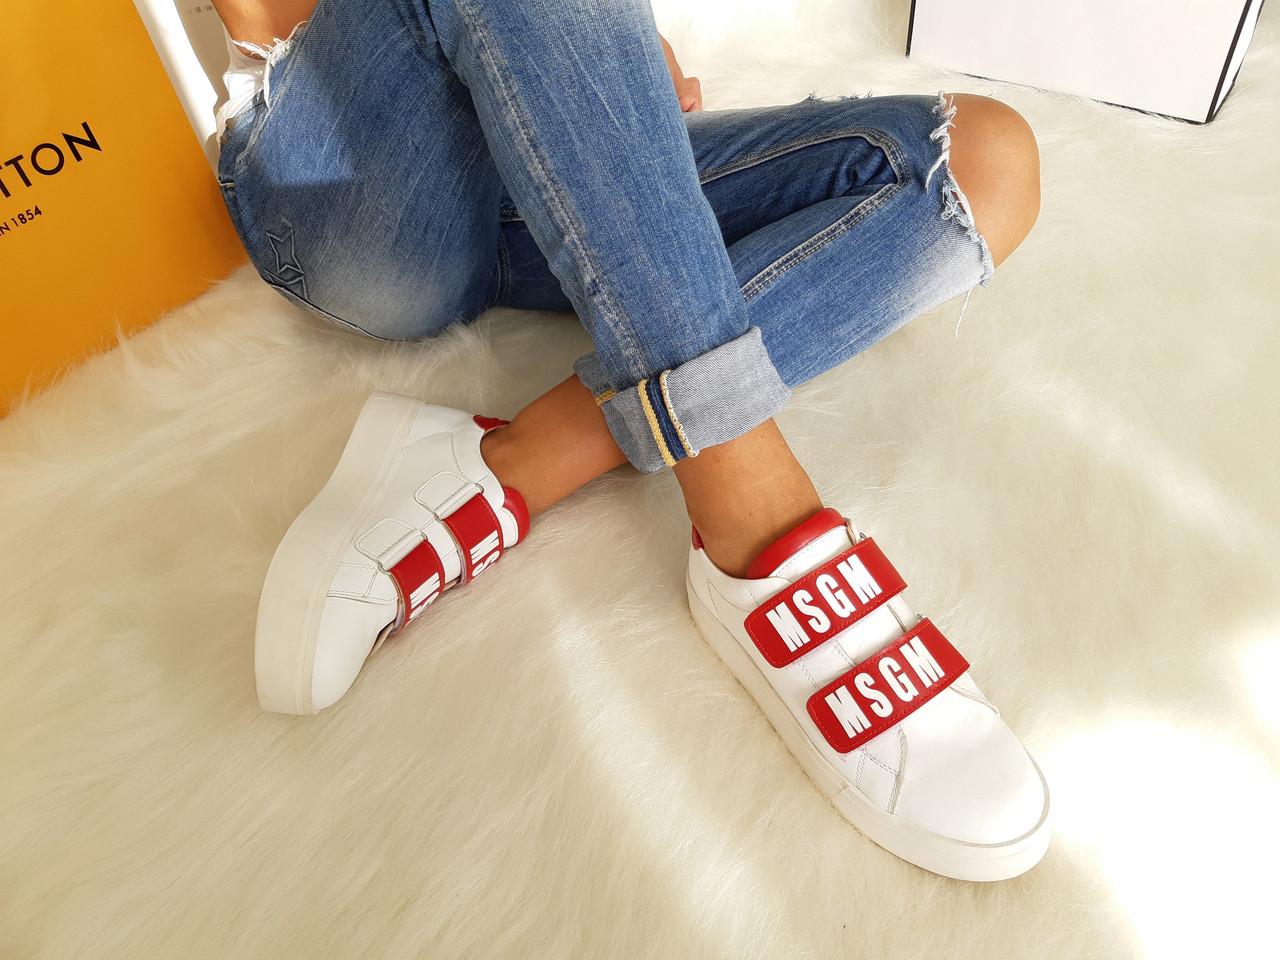 208c24dd5 Кроссовки женские MSGM red - ВЕК - Интернет-магазин женской одежды в  Харькове